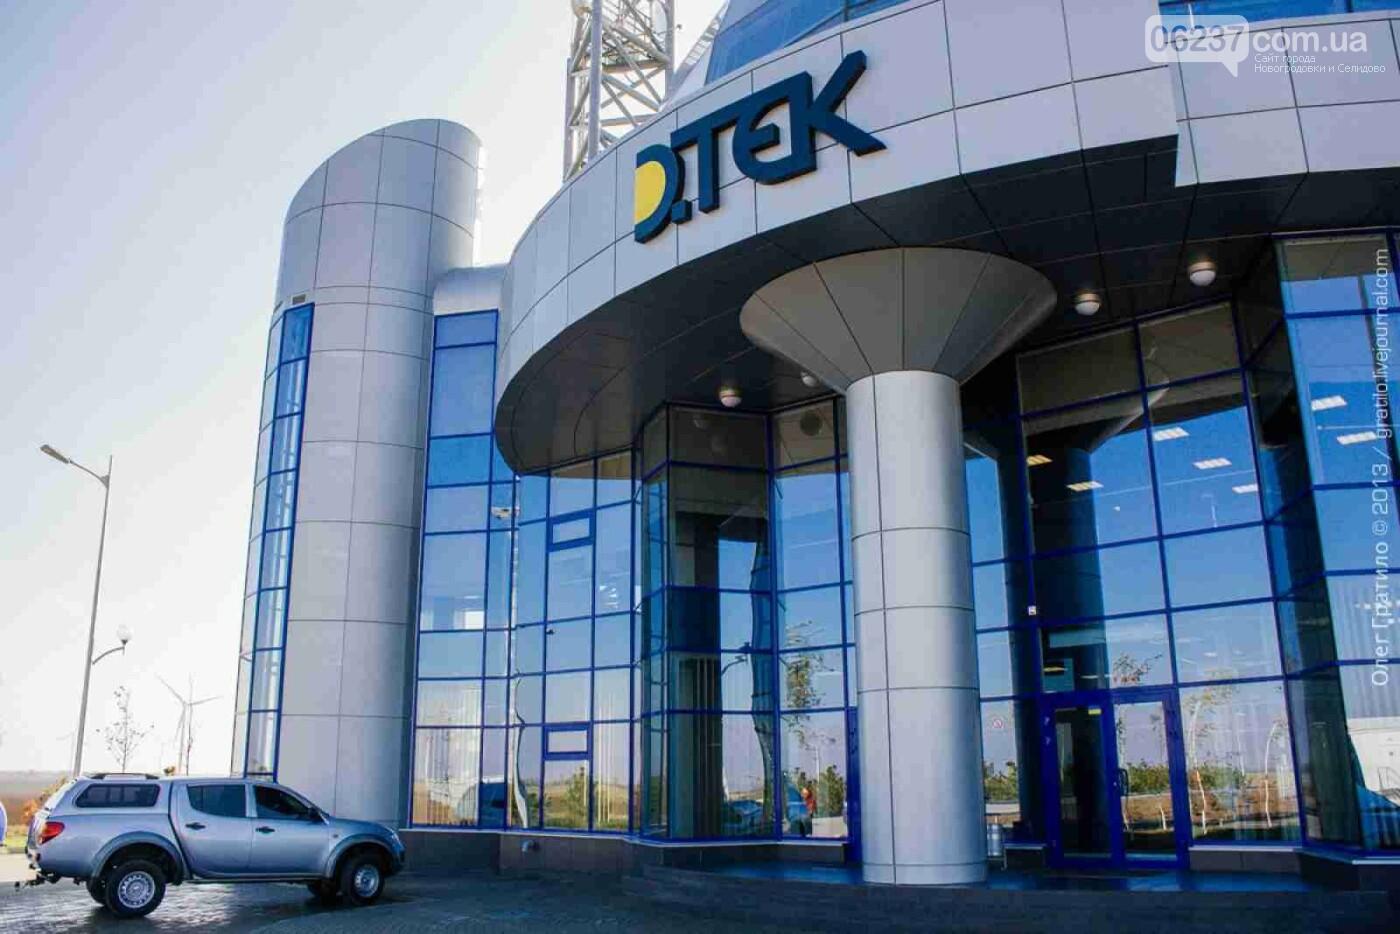 ДТЭК вернул жителям Донецкой области ошибочно оплаченные 15 млн гривен, фото-1